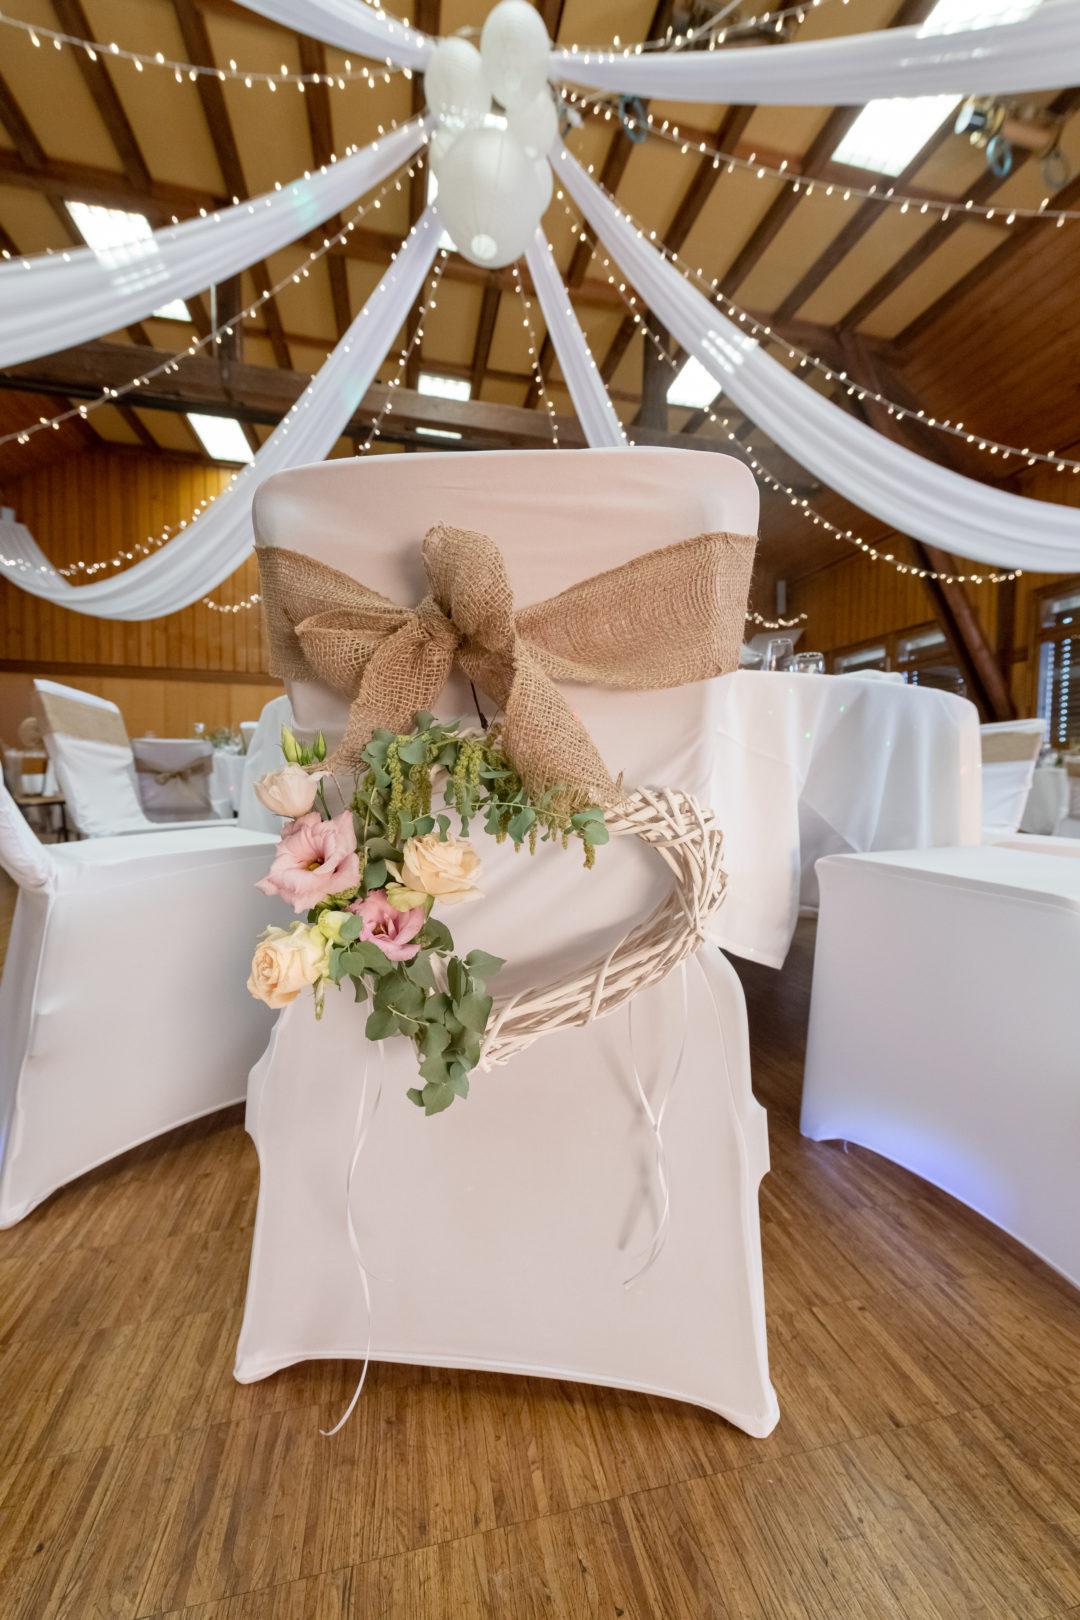 Détail sur la chaise des mariés. Géraldine wedding planner. Wedding planner suisse